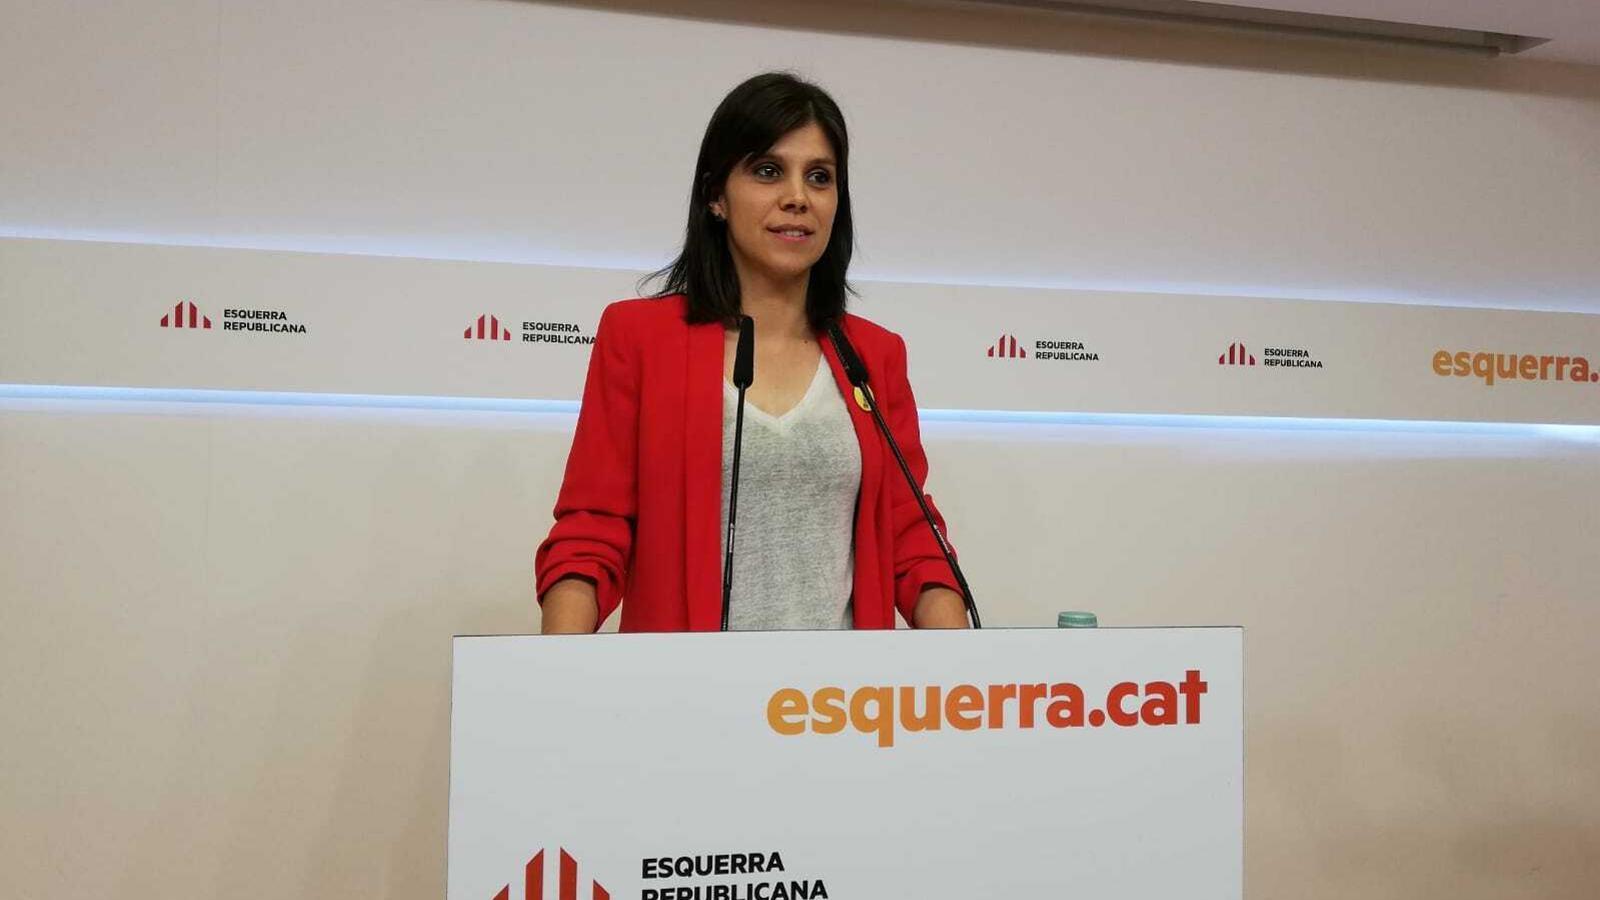 """ERC descarta que s'hagi obert cap """"esquerda"""" al Govern a partir de les disputes als ajuntaments"""